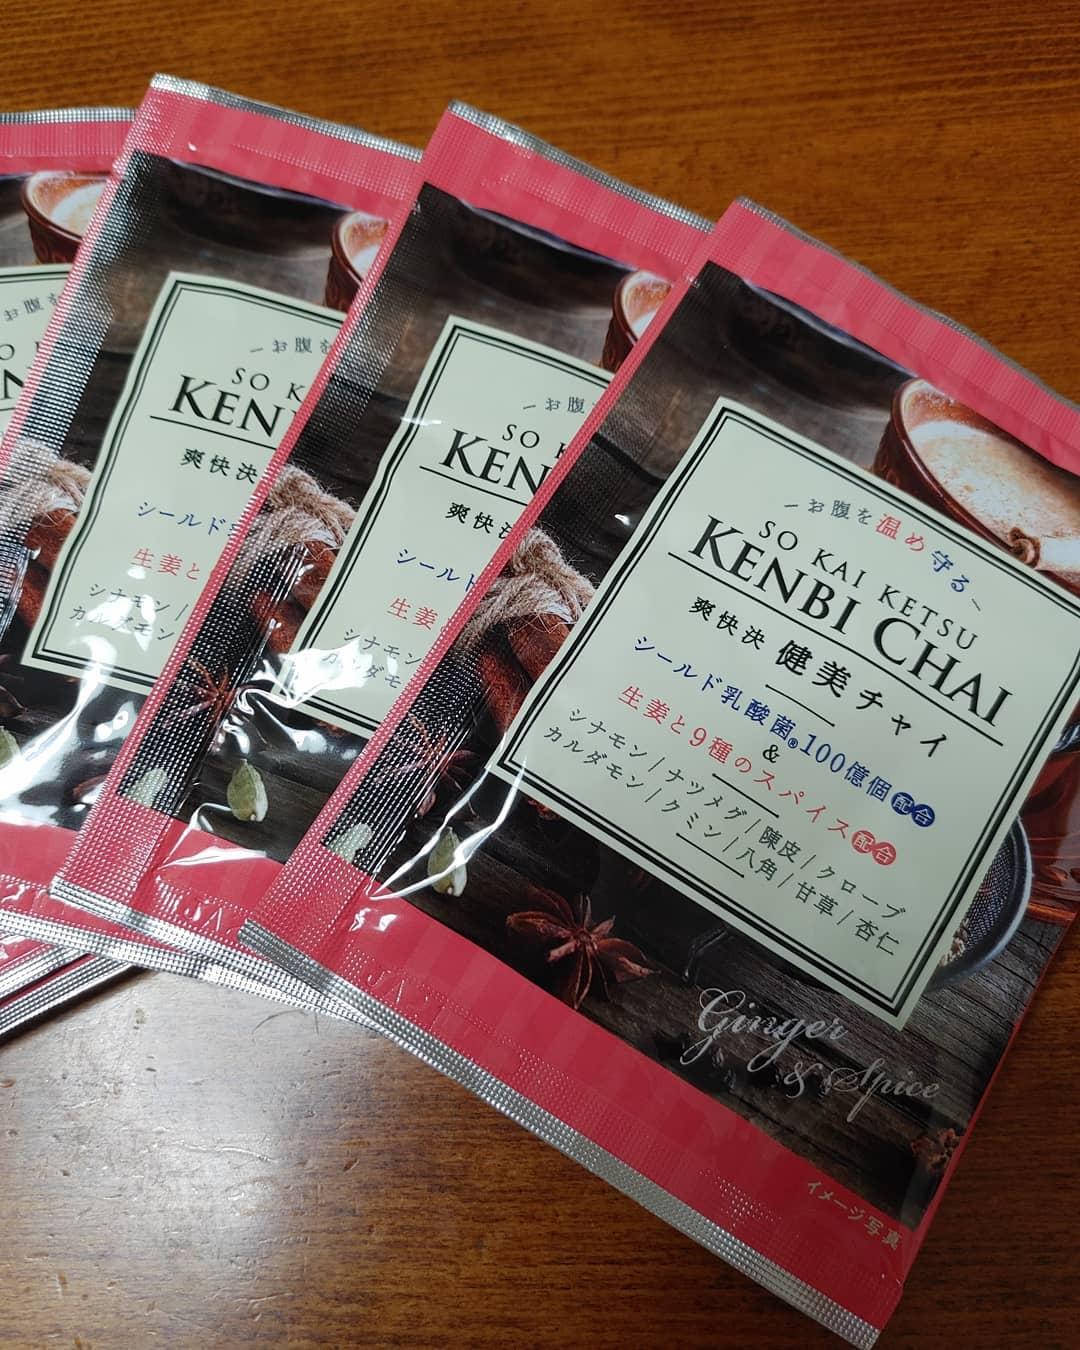 口コミ投稿:佐藤薬品工業(株)様より「爽快決 健美チャイ」を頂きモニターさせて頂きました。お…